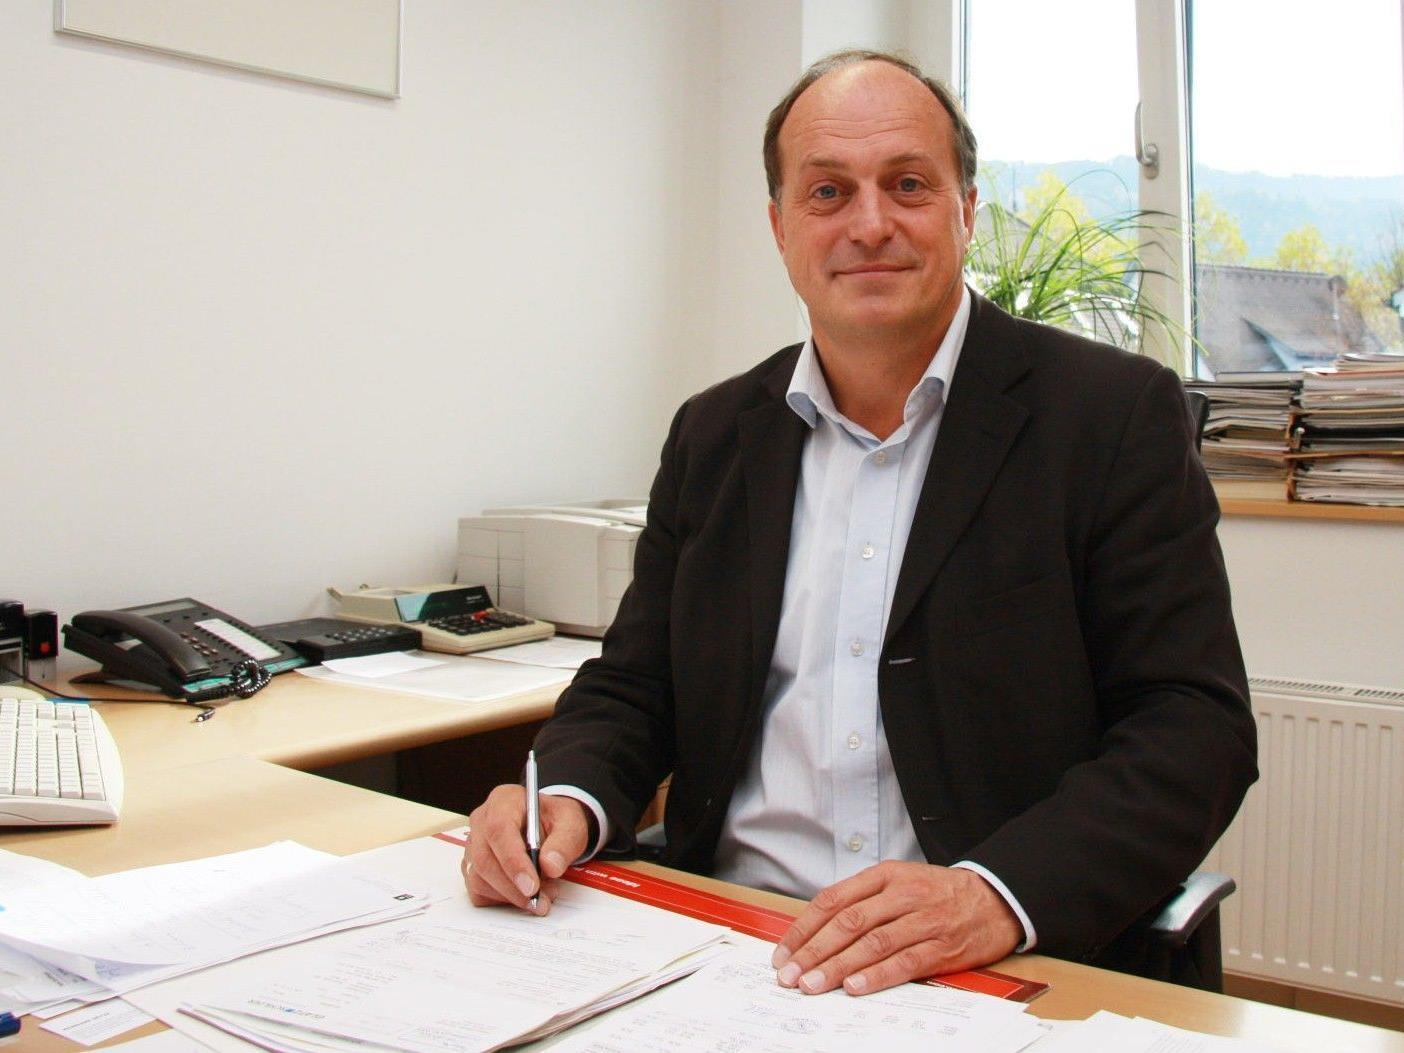 Bürgermeister Karl Hehle blickt optimistisch in die Zukunft.